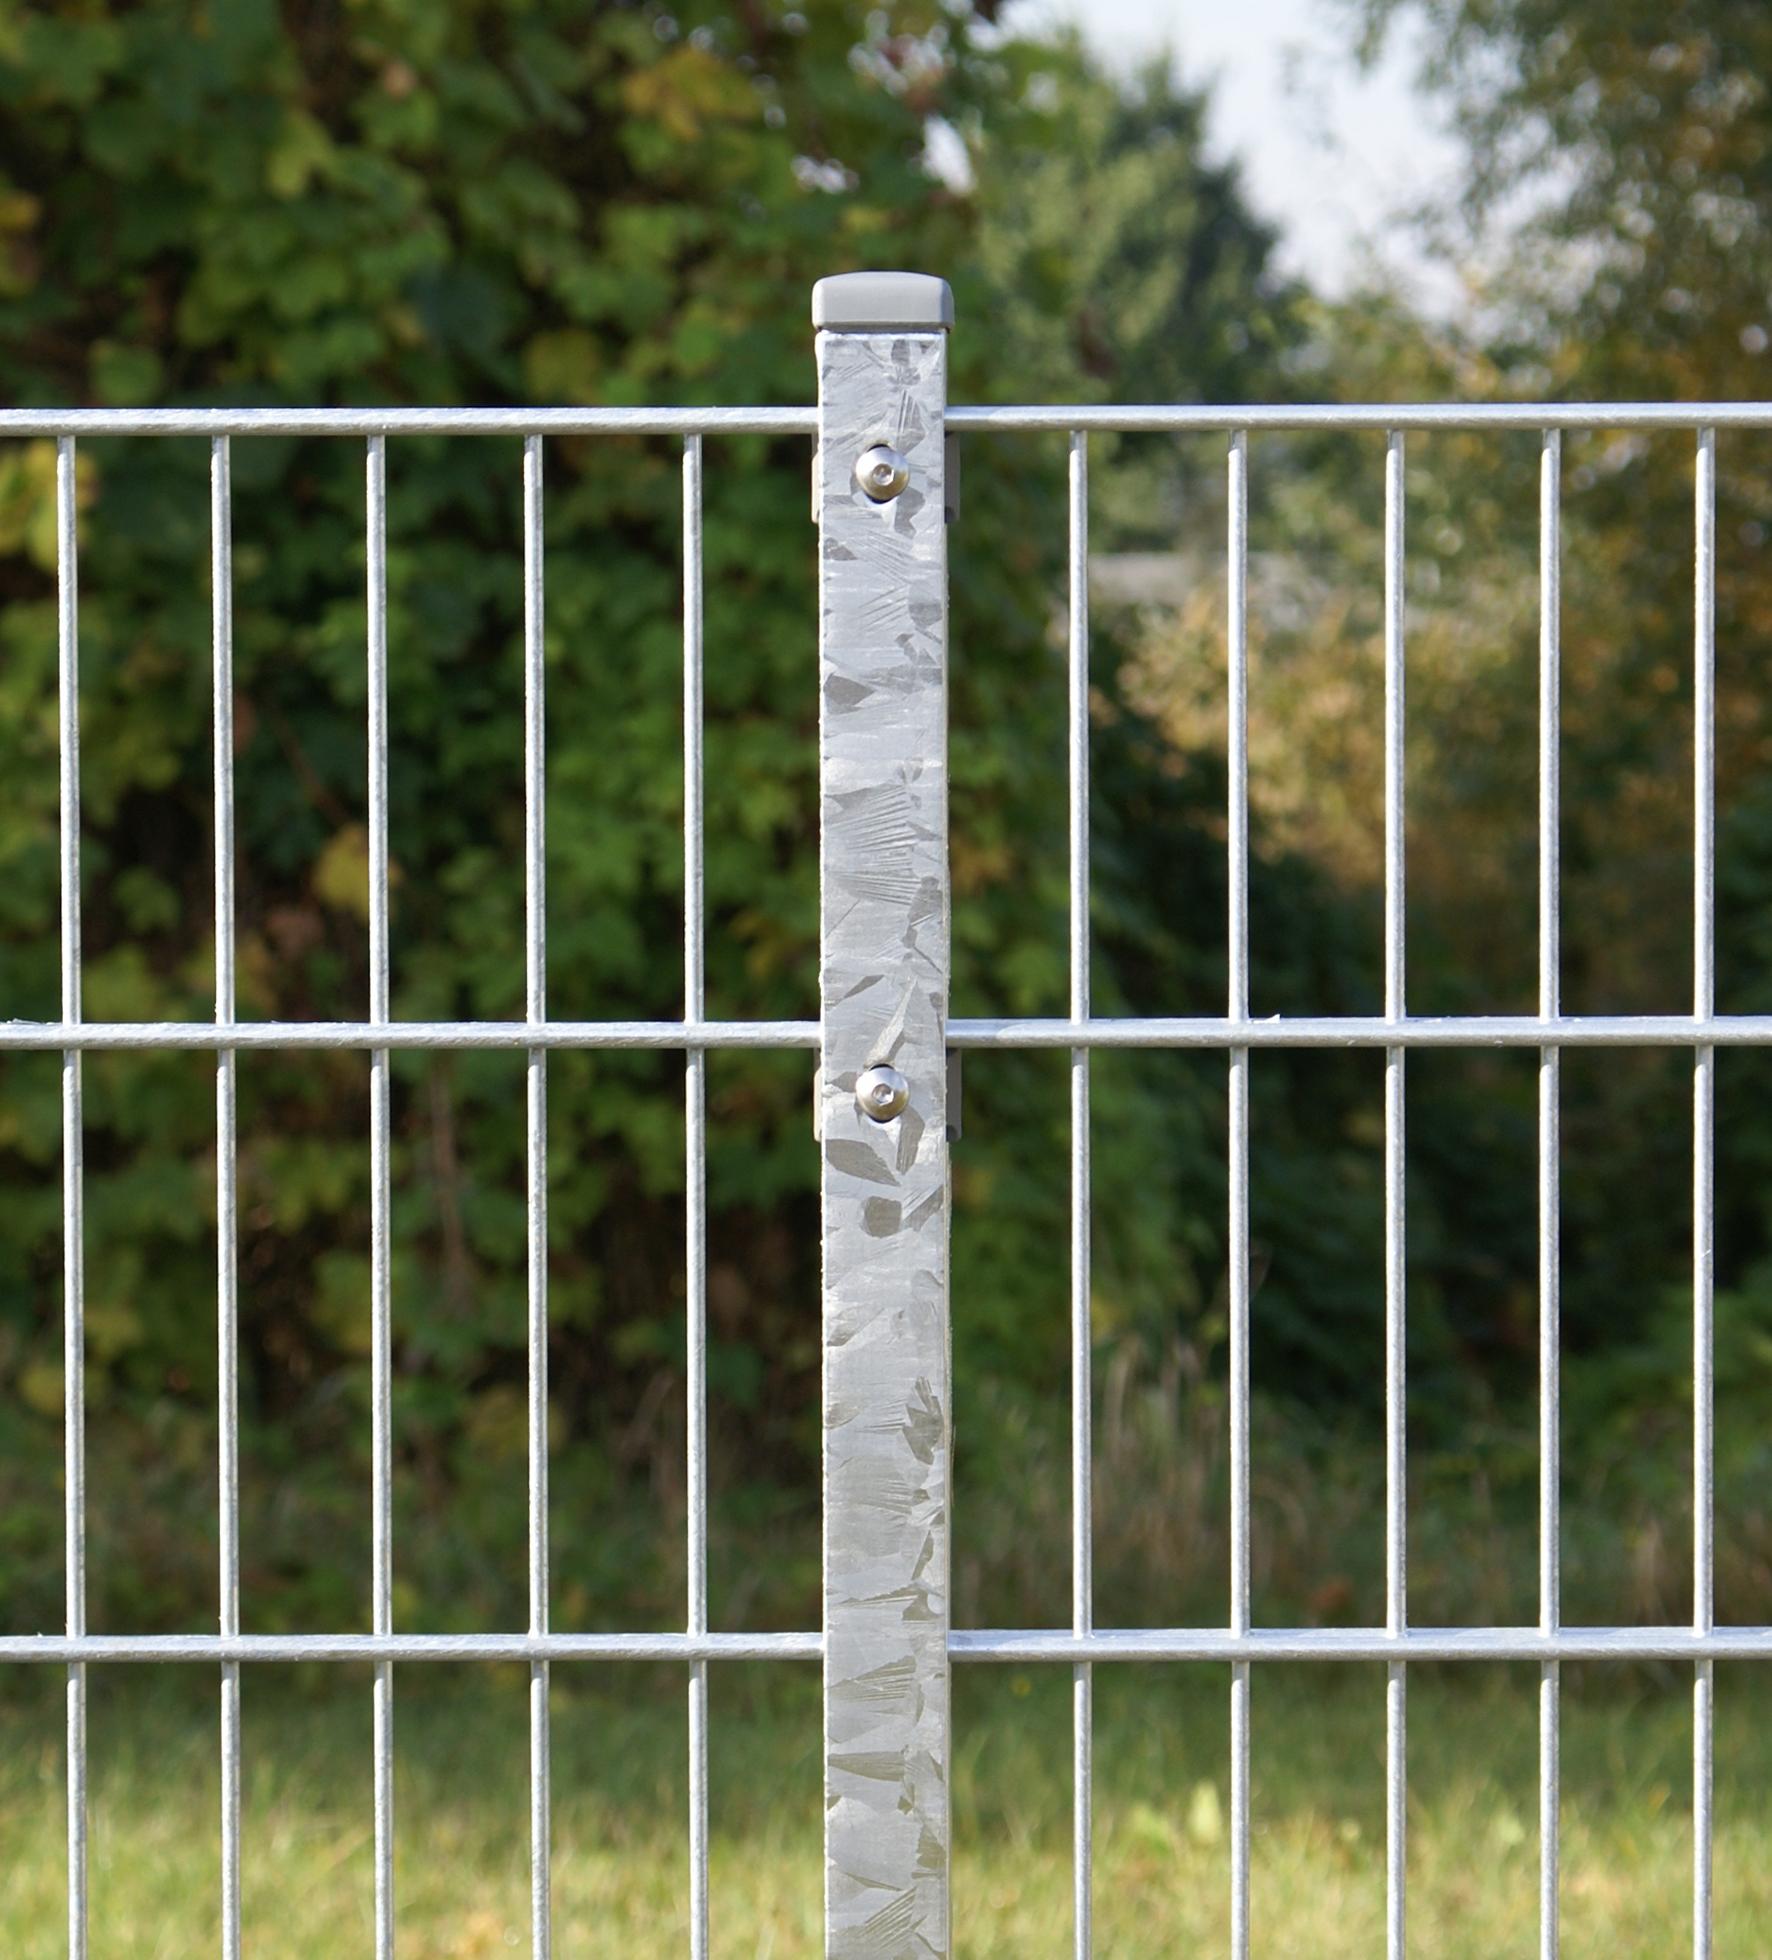 Gartenzaun 8 6 8 mm Doppelstabmatten mit Flacheisenabdeckung Zaun